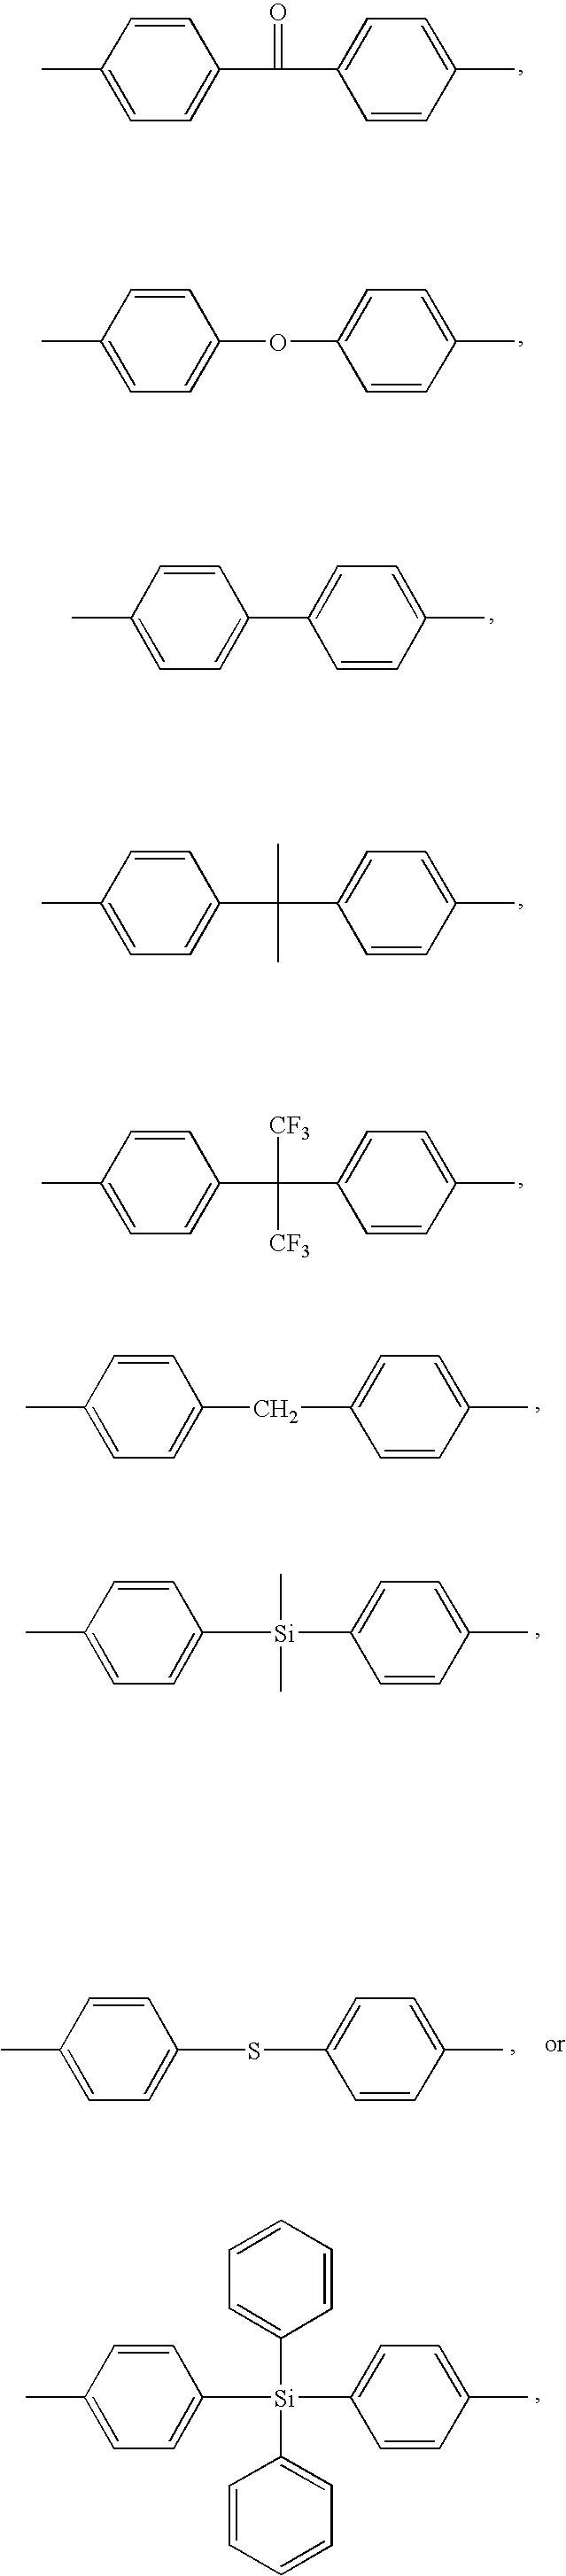 Figure US07807759-20101005-C00018